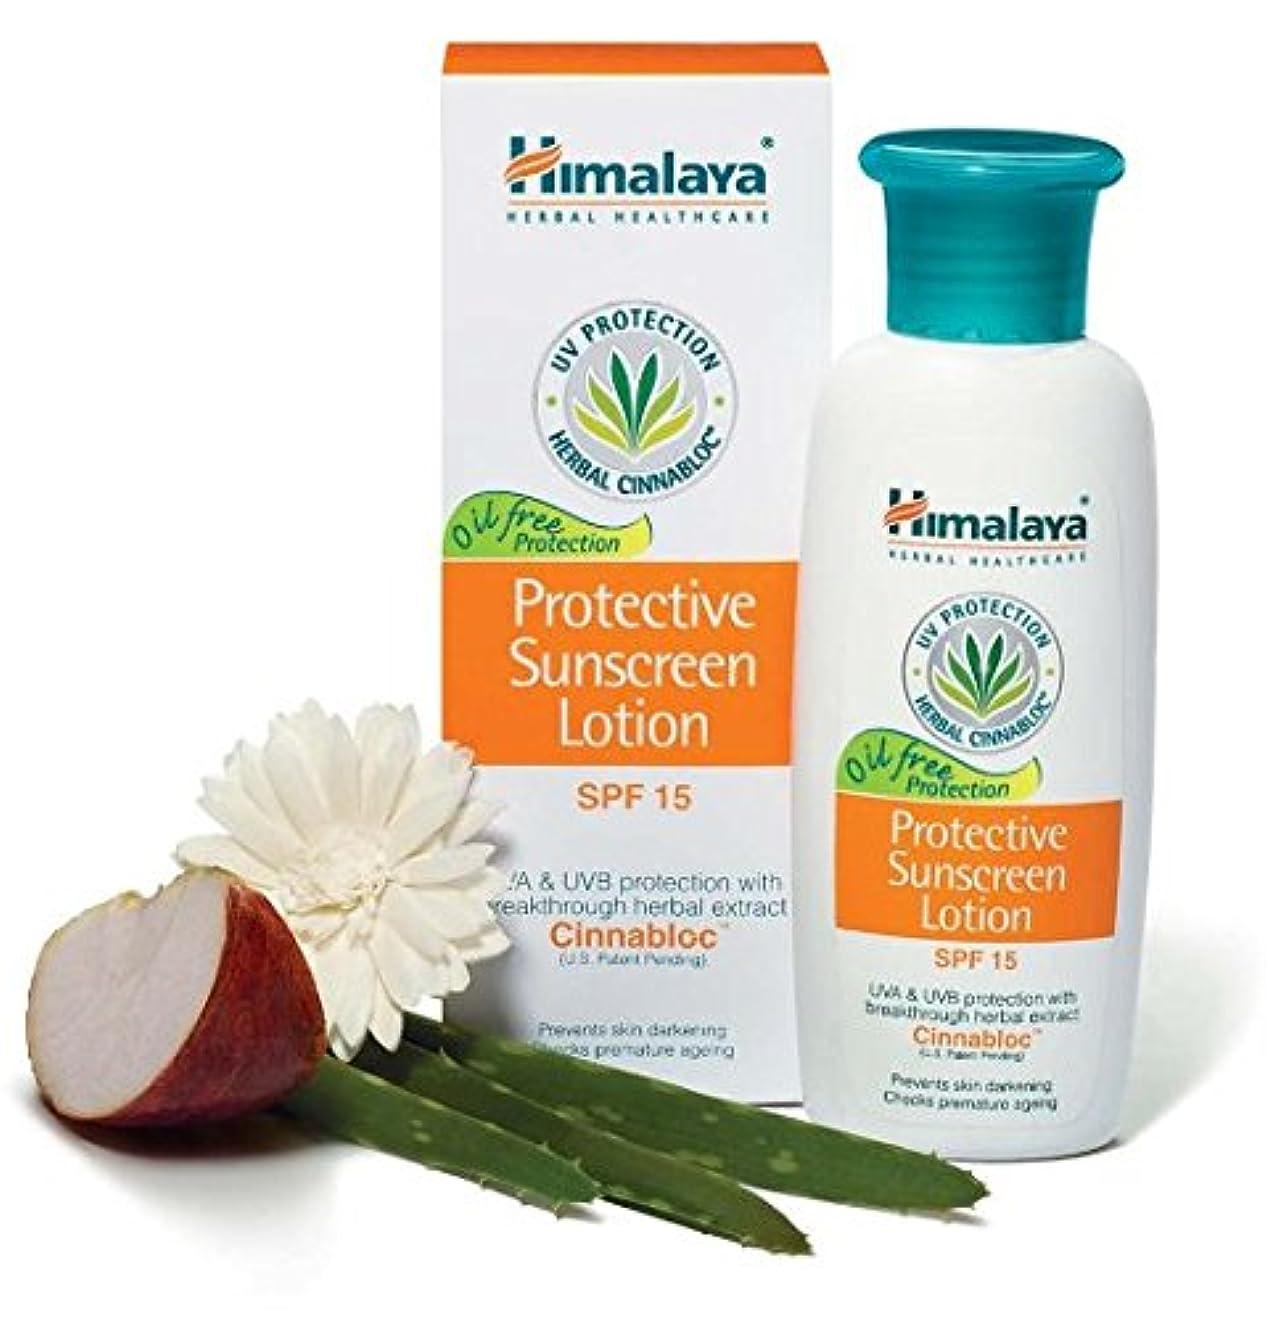 めんどり取り消すさわやかHimalaya Protective Sunscreen Lotion SPF 15 100ml